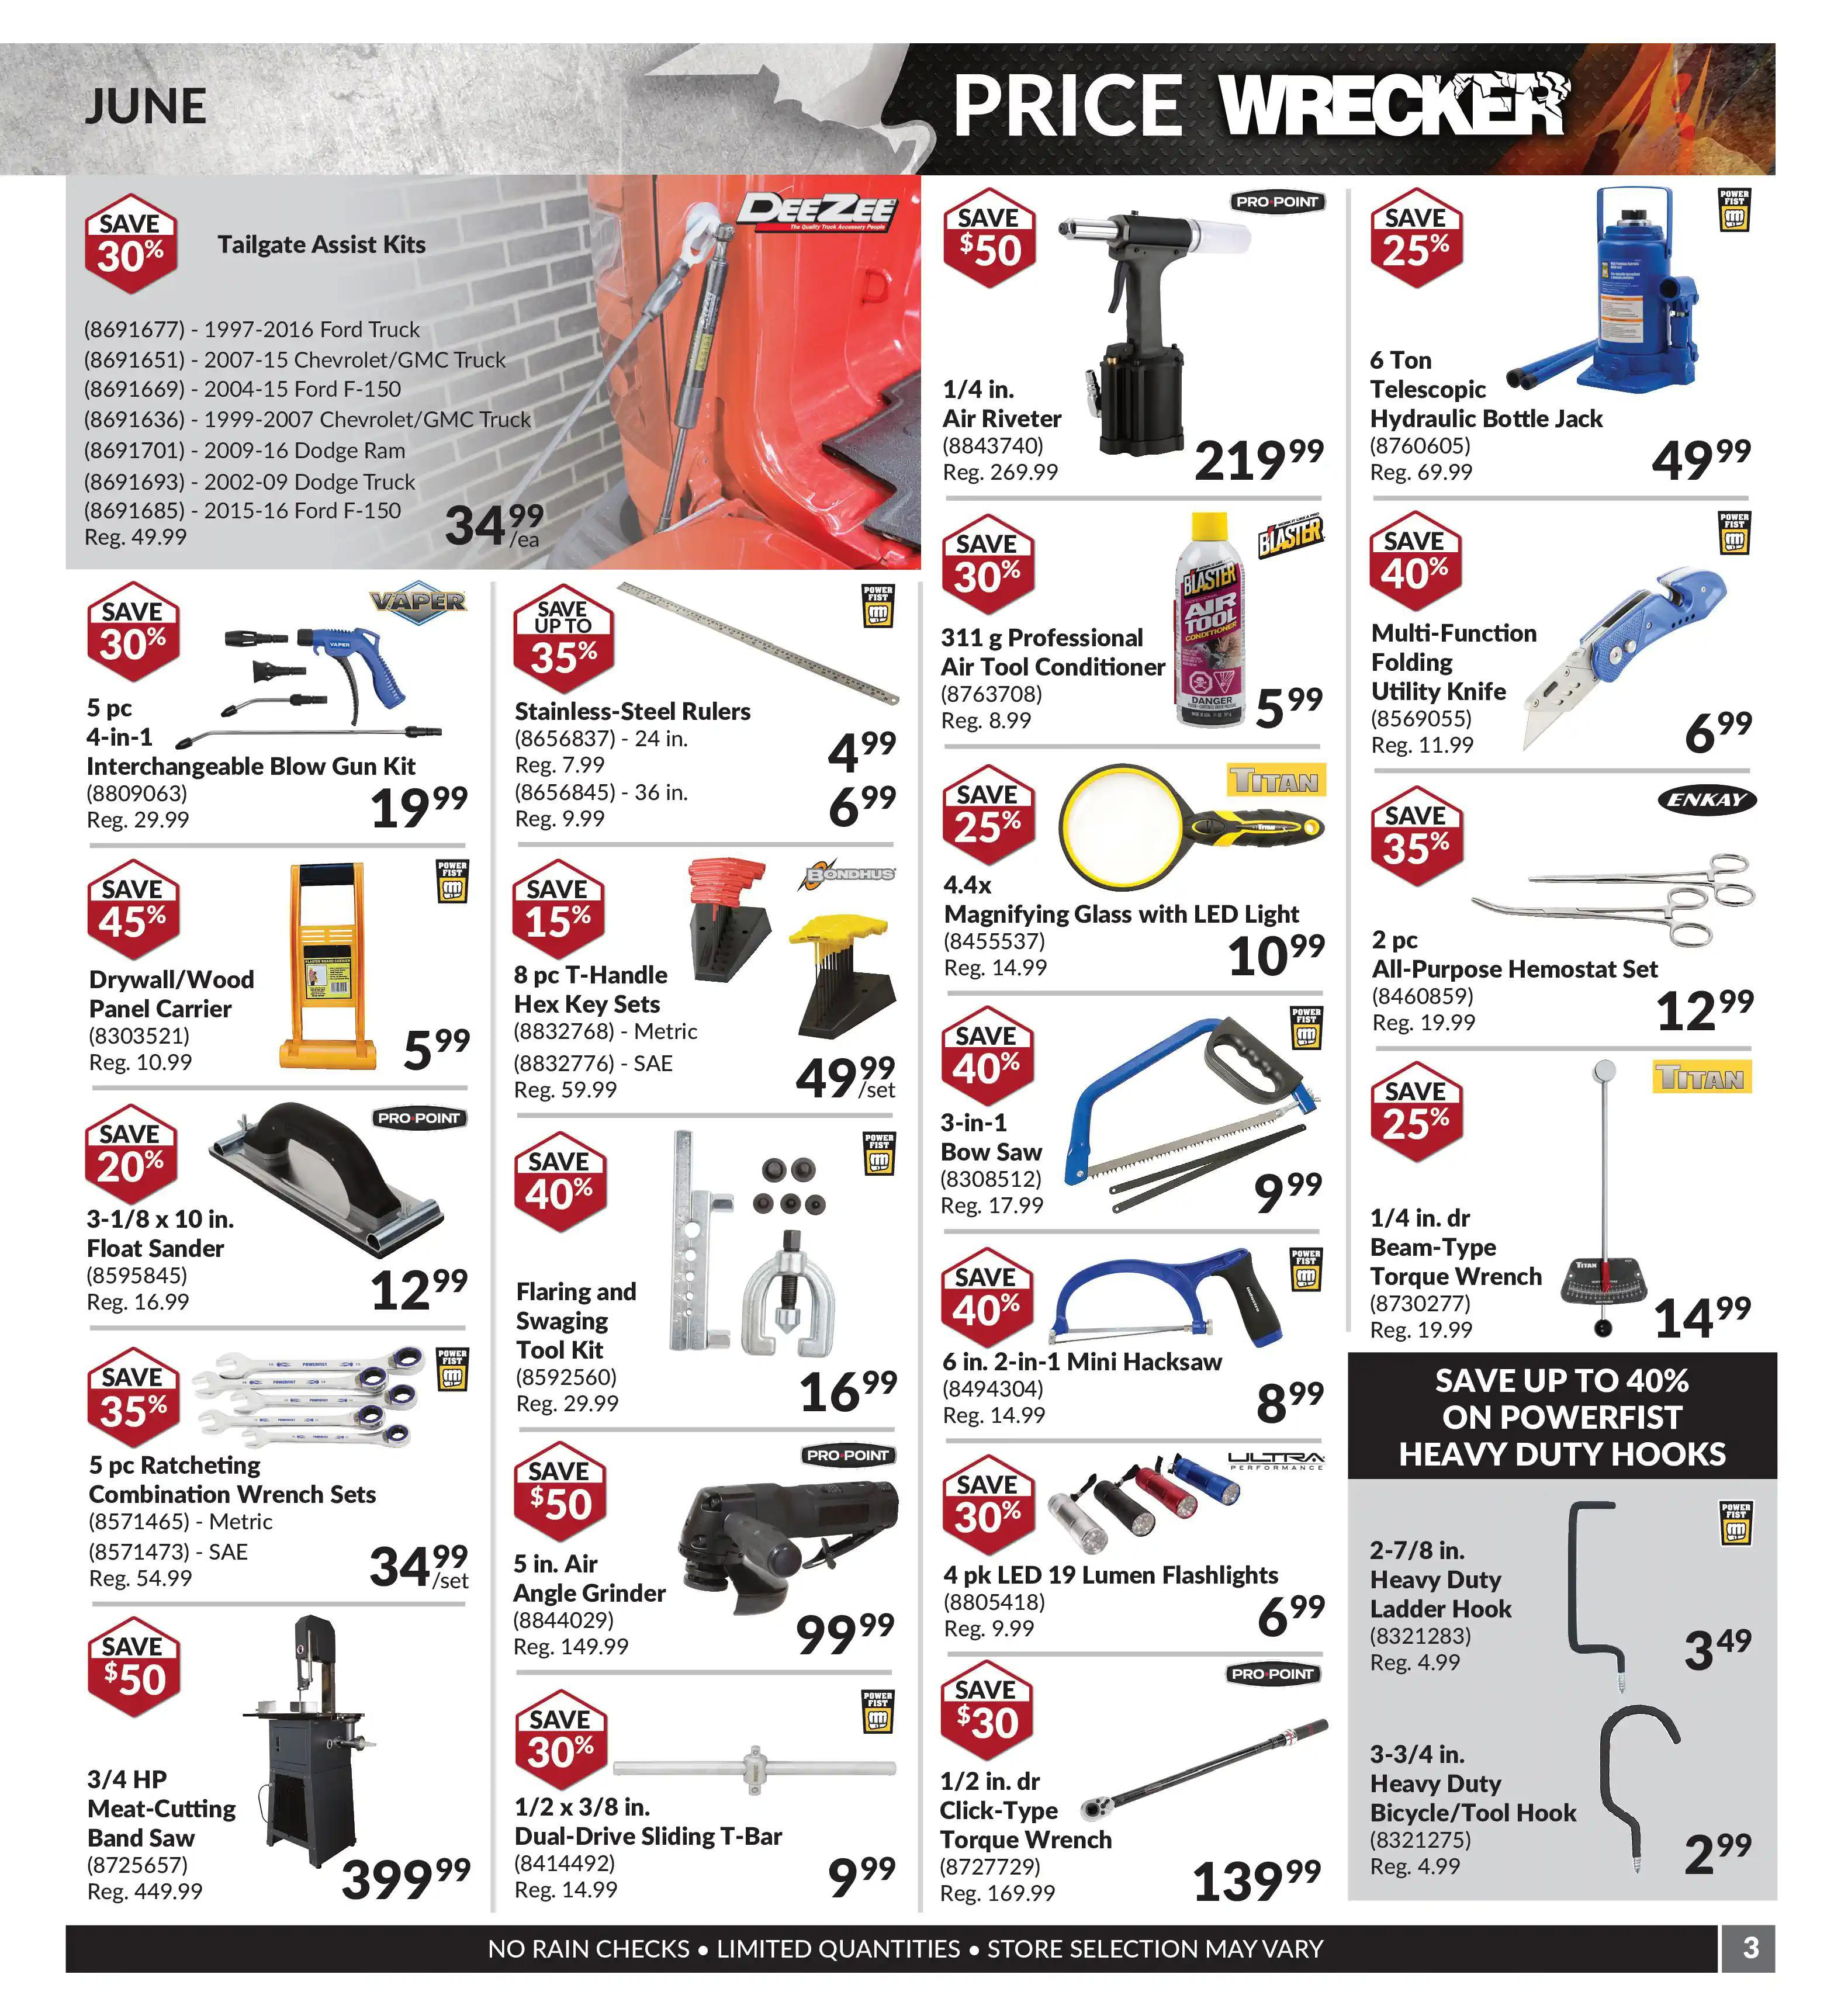 Princess Auto - Price Wrecker - Page 3